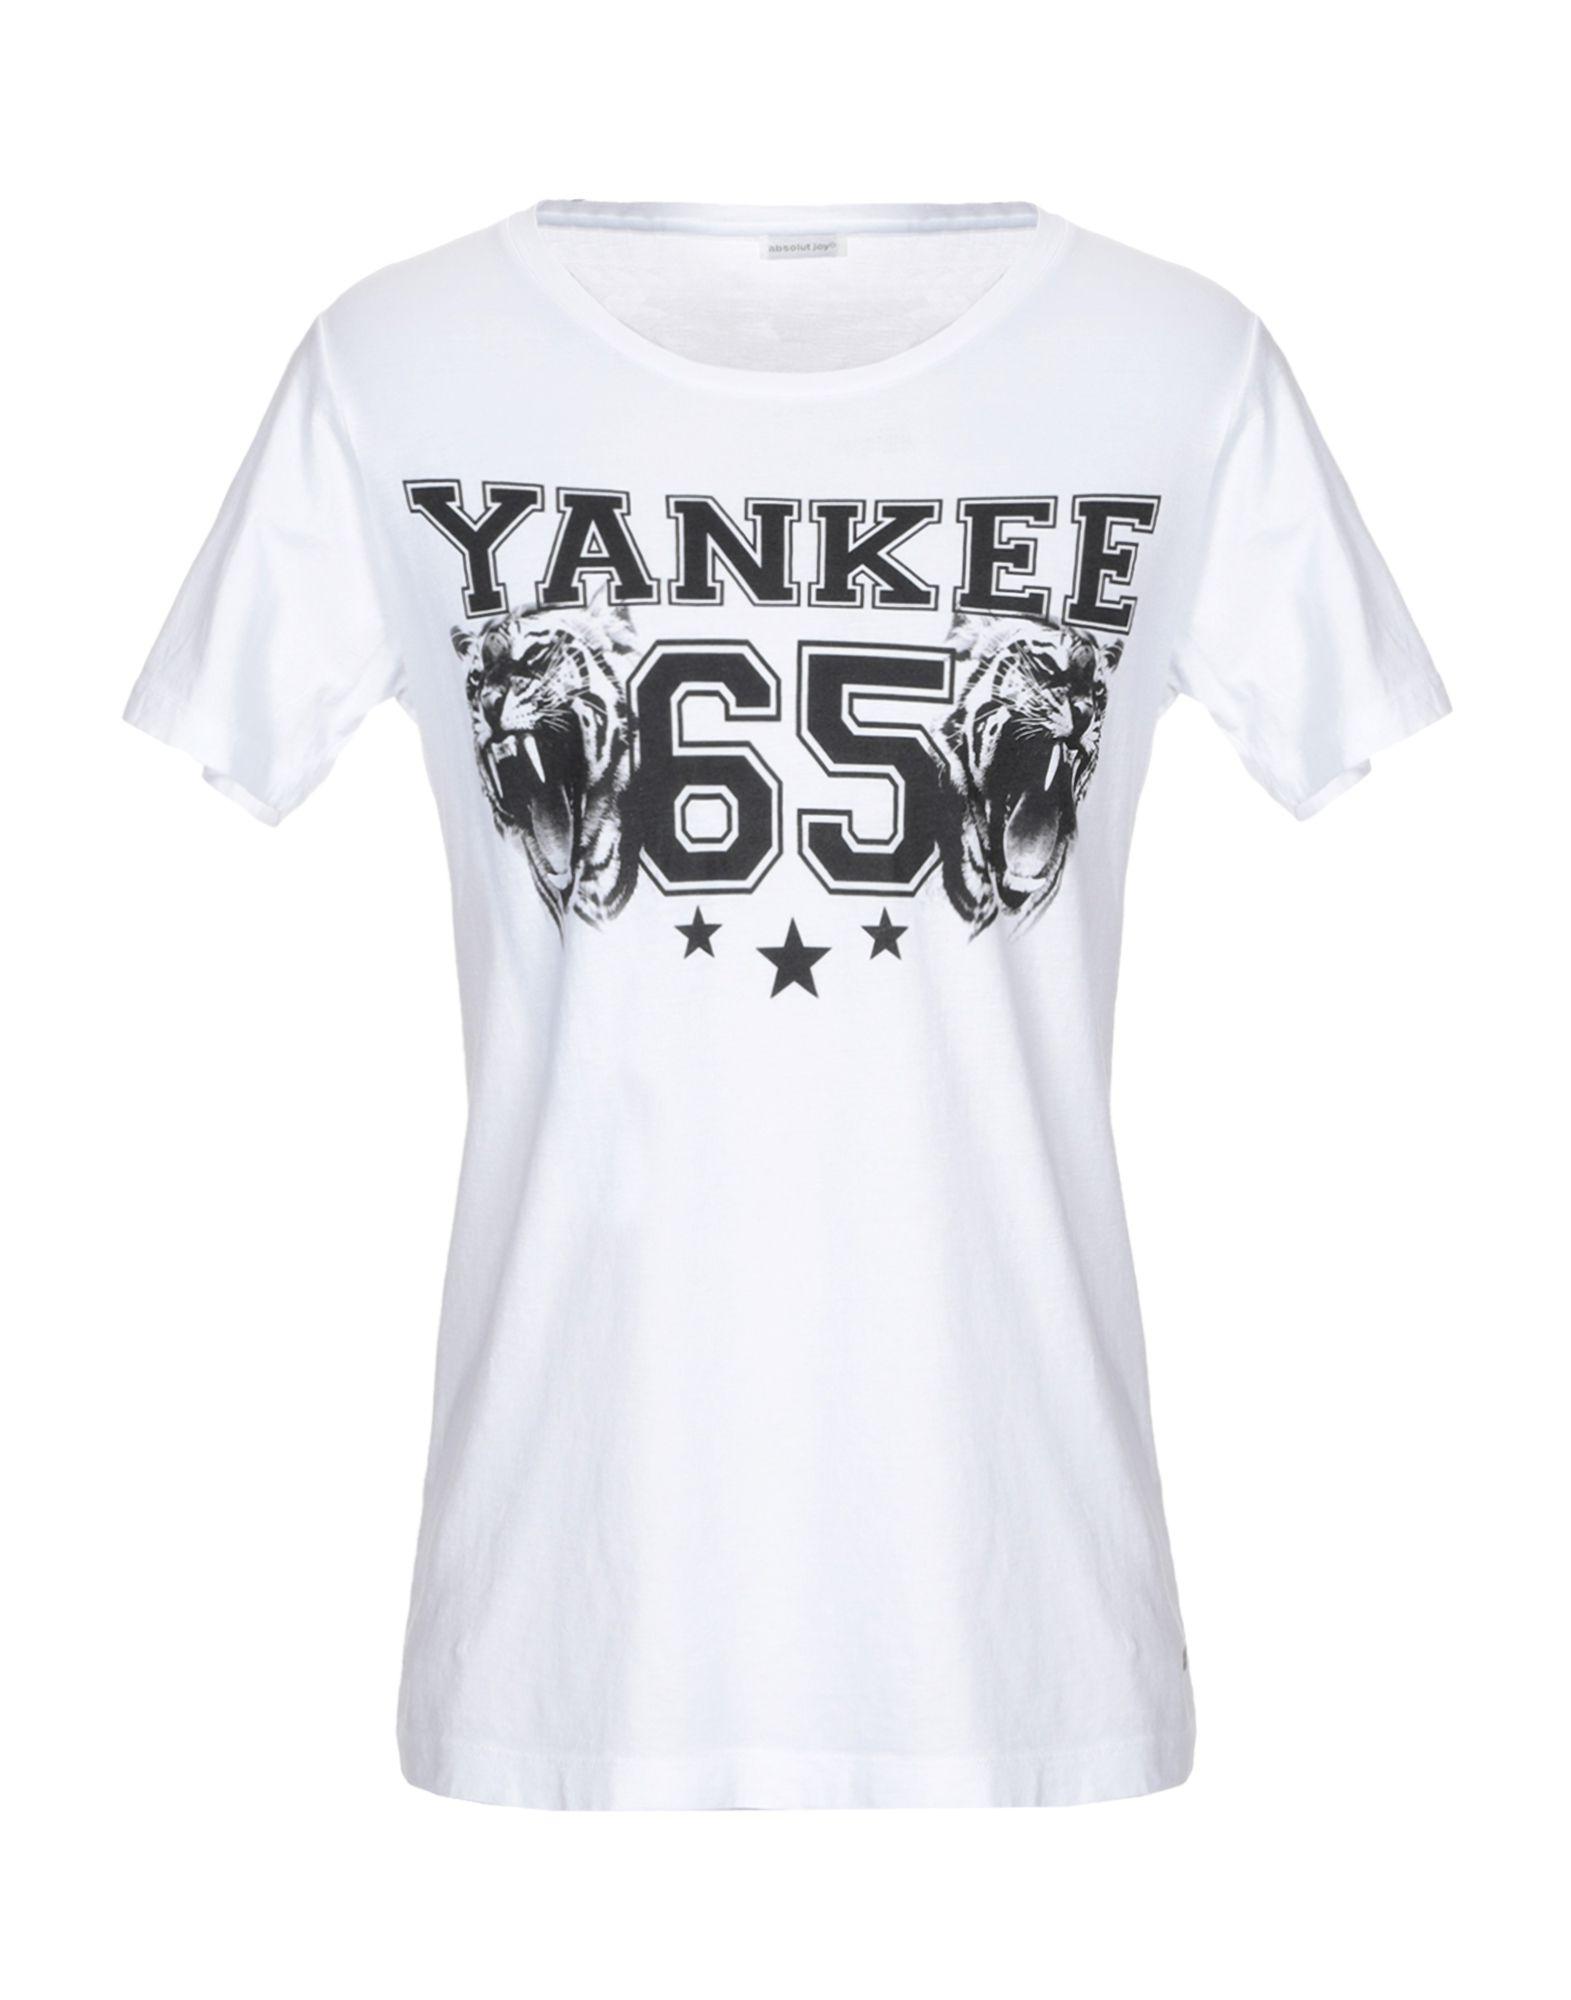 T-Shirt Absolut Absolut Joy uomo - 12304401HG  ohne zu zögern! jetzt kaufen!